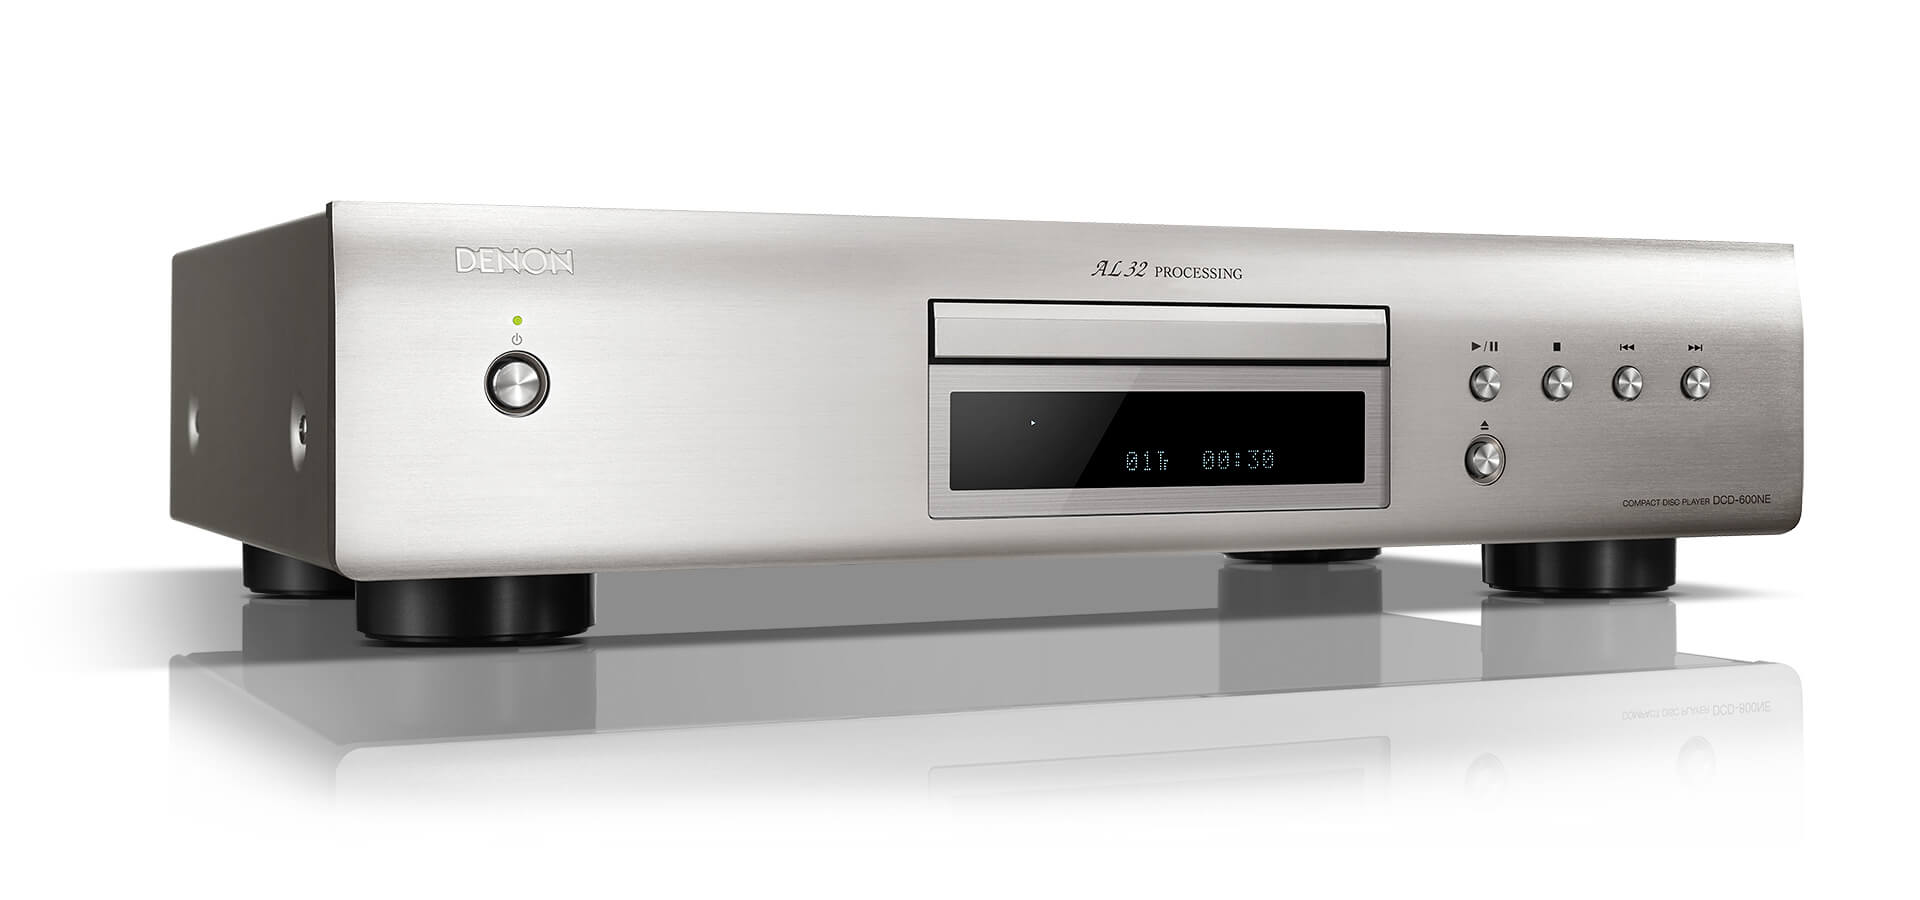 Denon DCD-600NE Barevné provedení: stříbrné (premium silver)